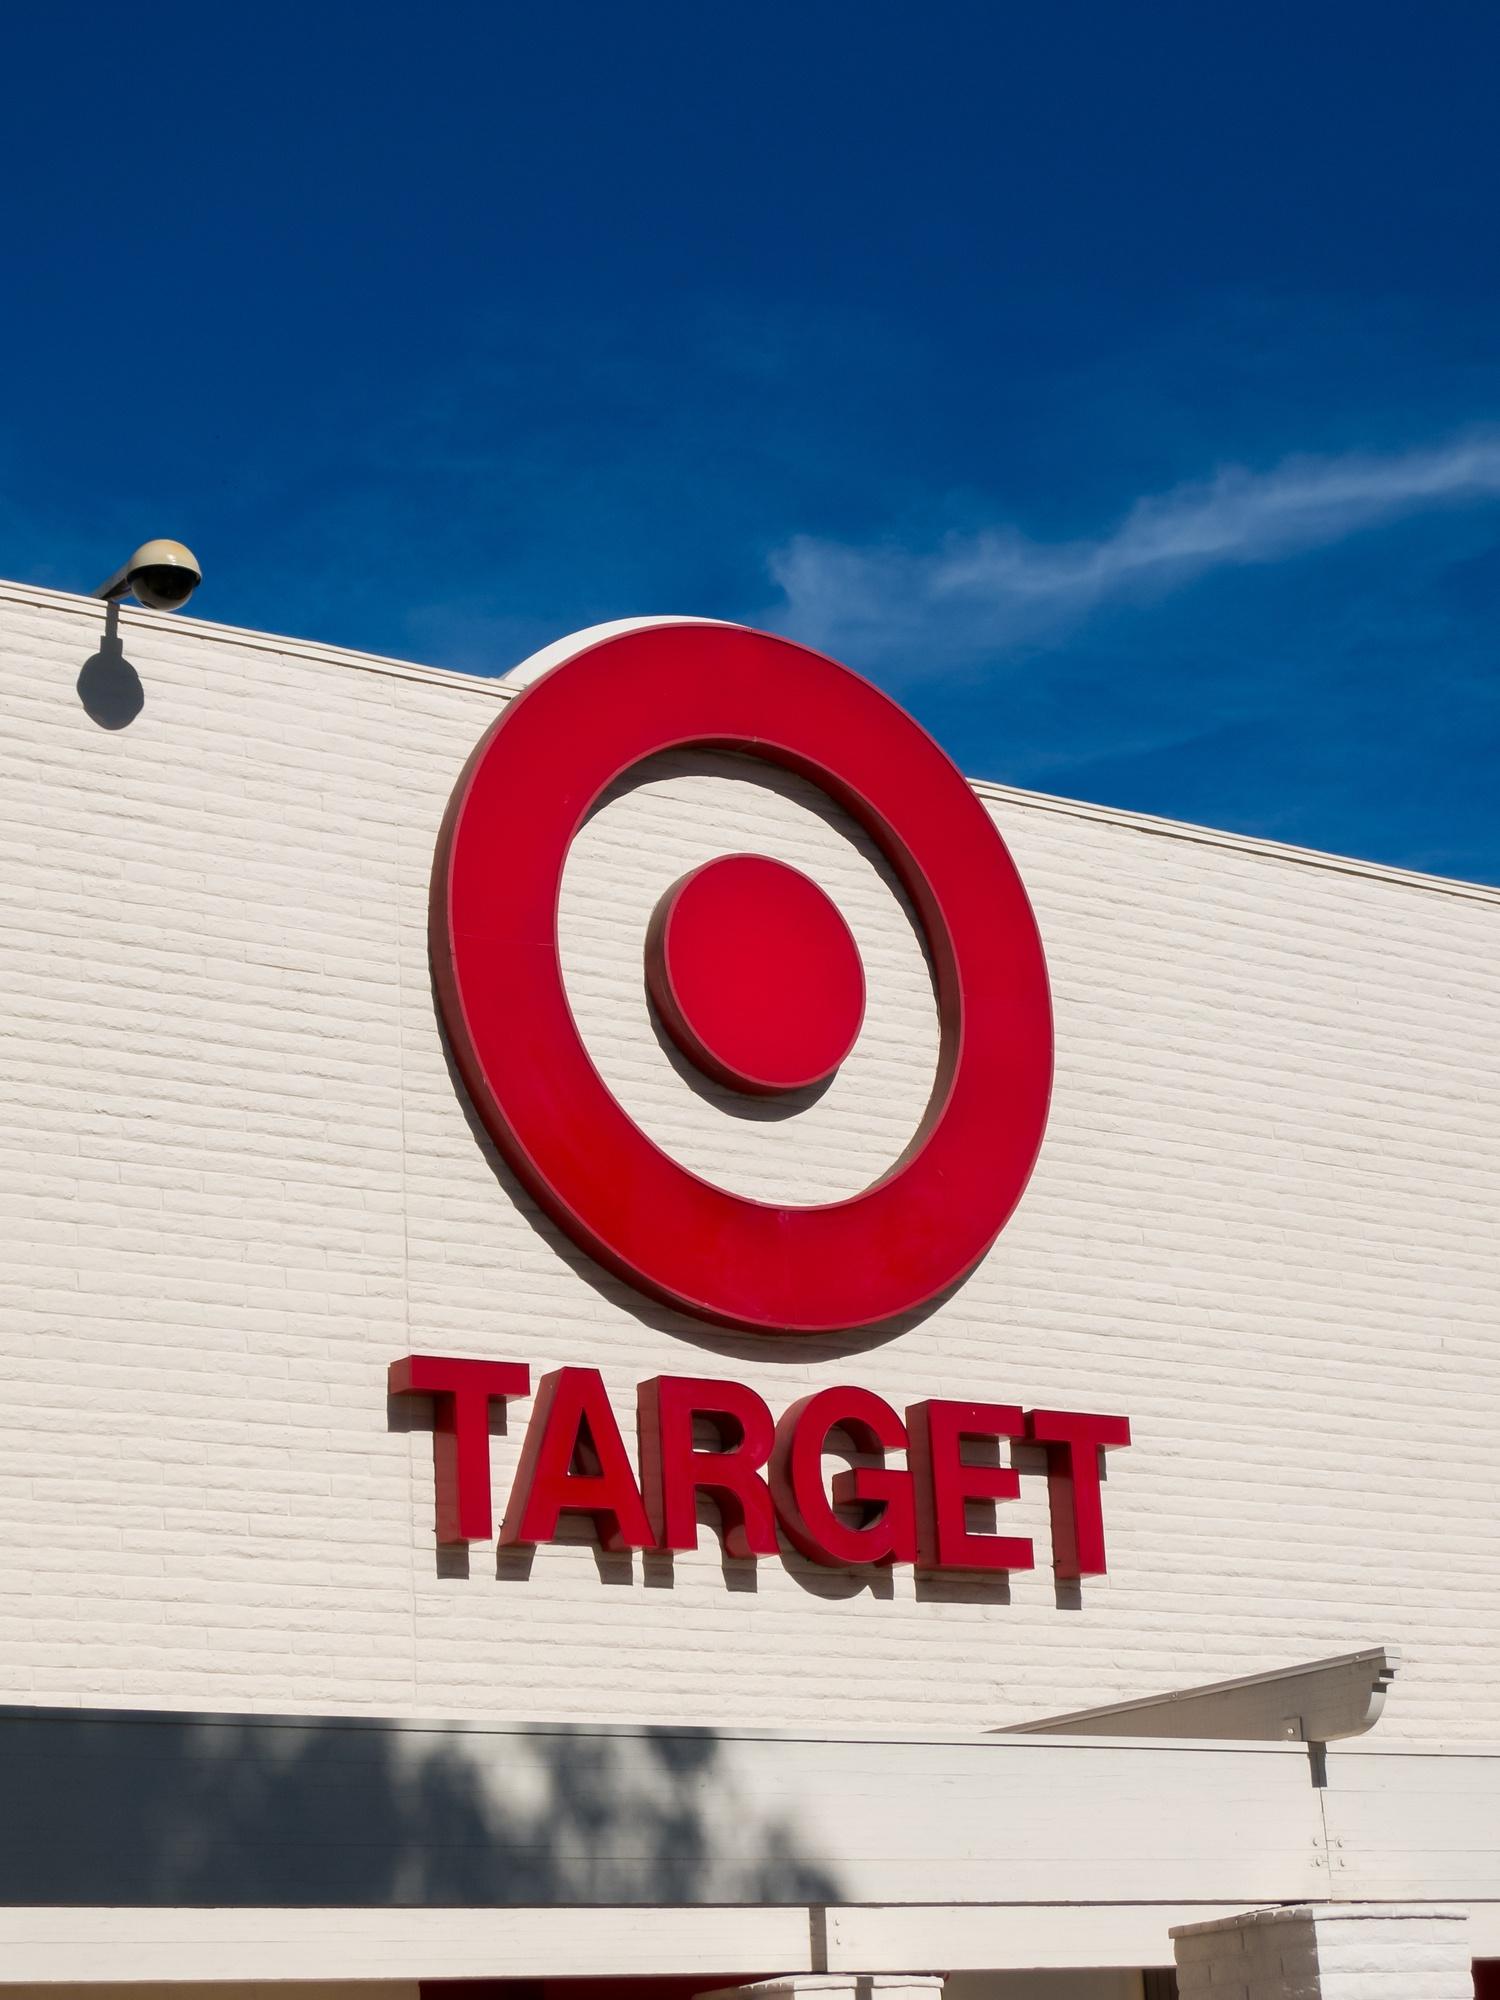 Target Circle savings, Target Red circle logo